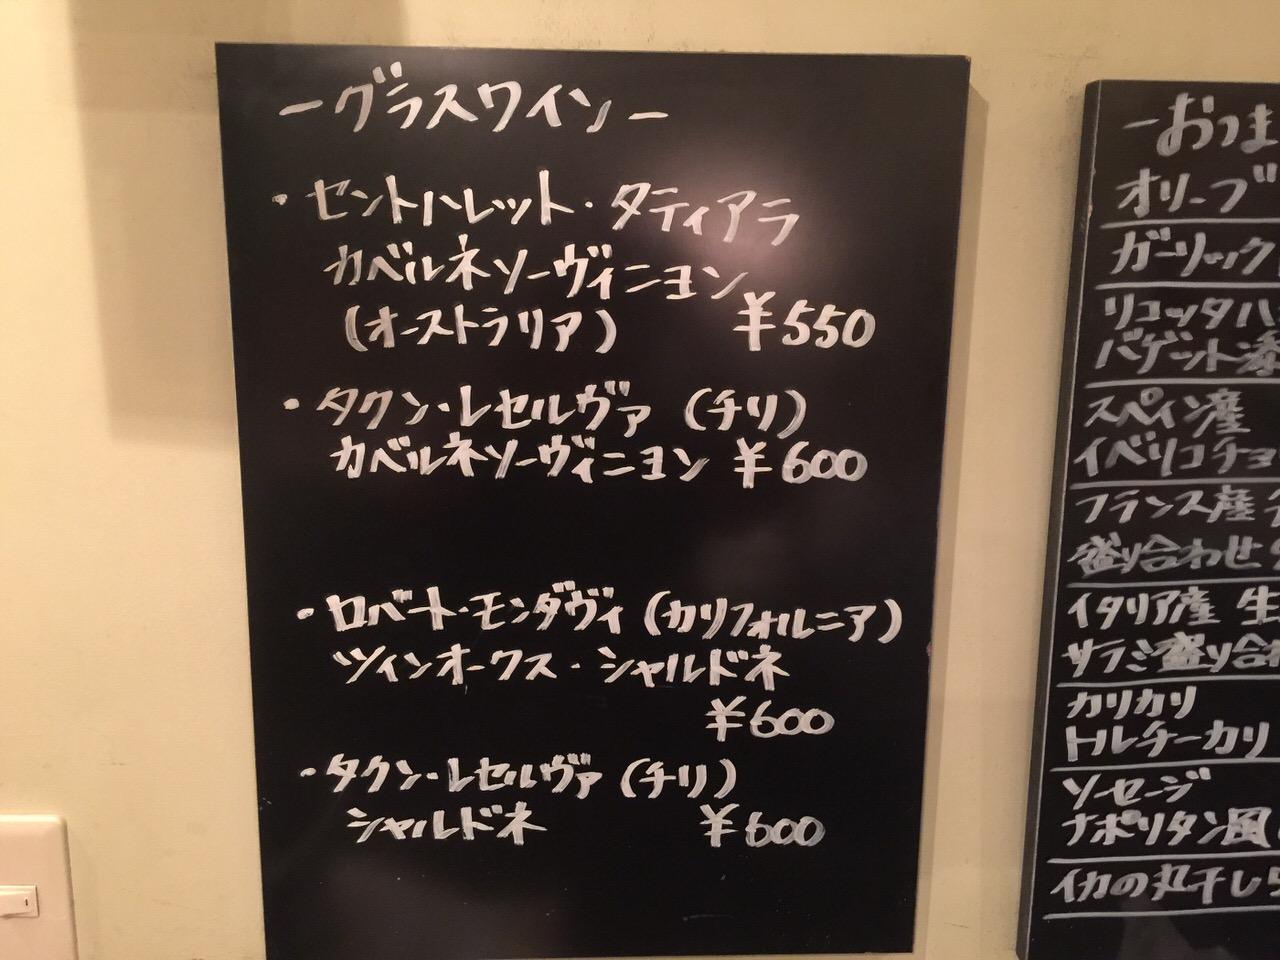 Fujii gotanda 8421